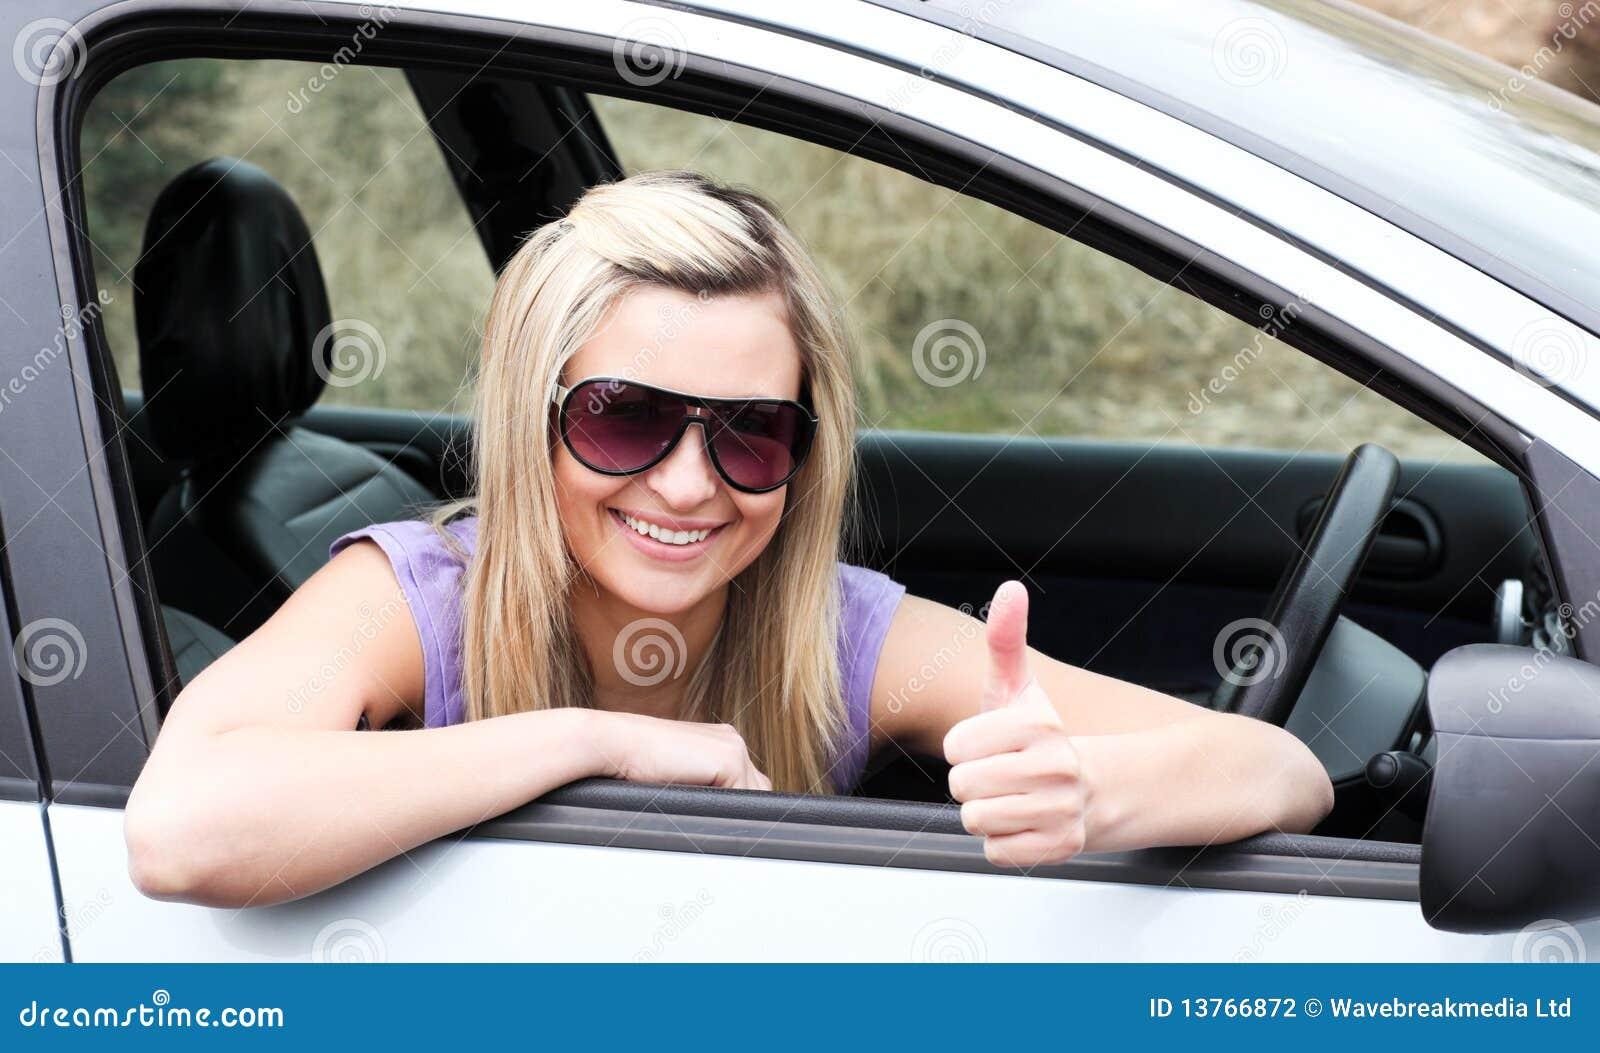 Хозяйка водитель секс, Накаченный водитель трахает свою хозяйку в машине 24 фотография